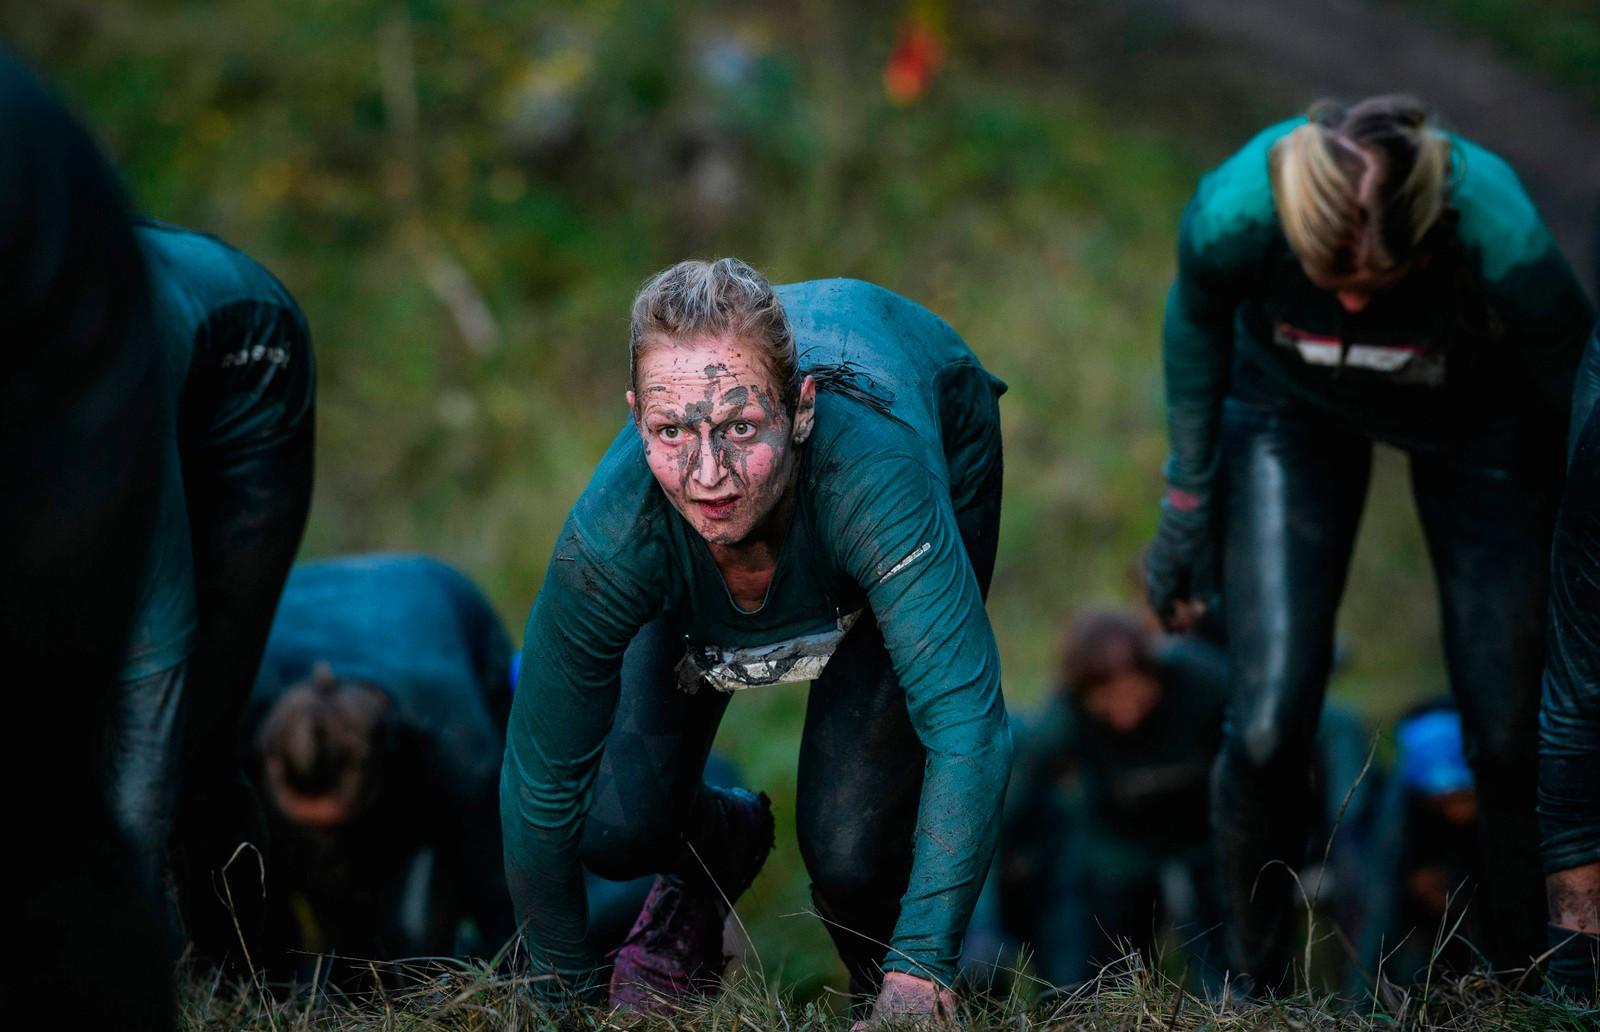 Det knallharde terrengløpet Tjurruset fant sted i Stockholm forrige helg. Det ti kilometer lange løpet med naturlige, og unaturlige, hindre ble vunnet av André Rangelind på tida 41:48.